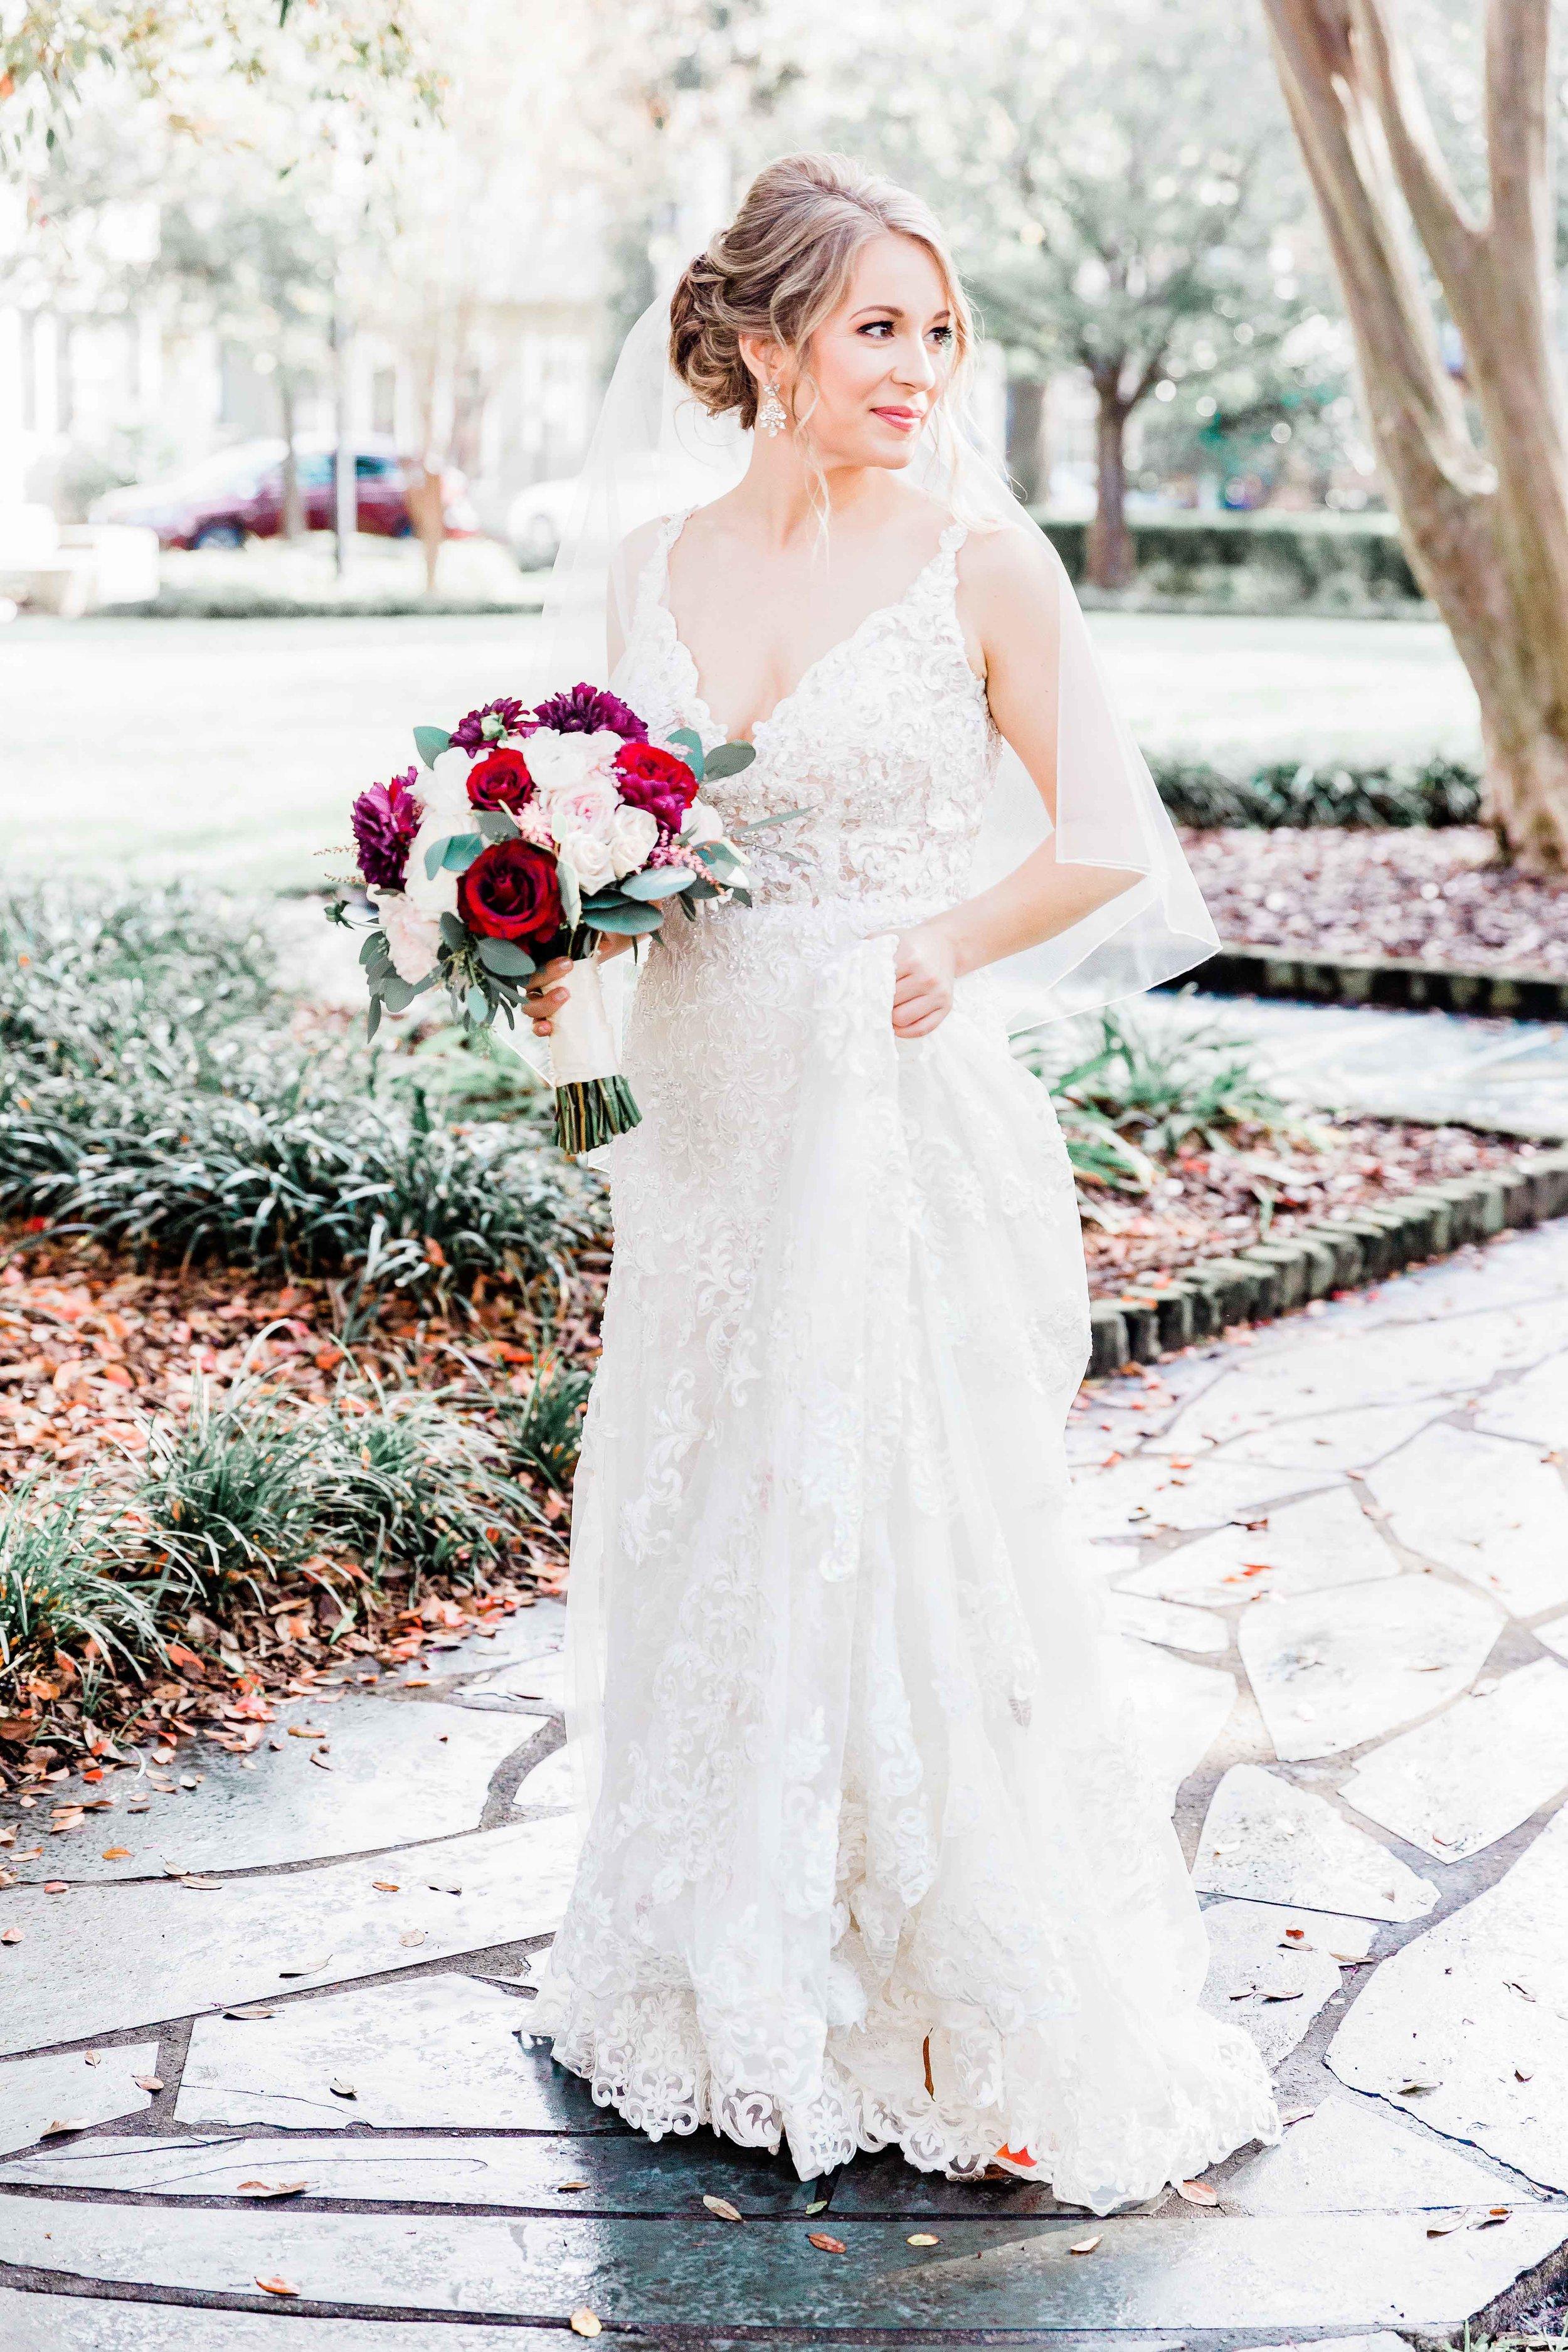 20181109Georgia-Savannah-savannah wedding photography13.jpg